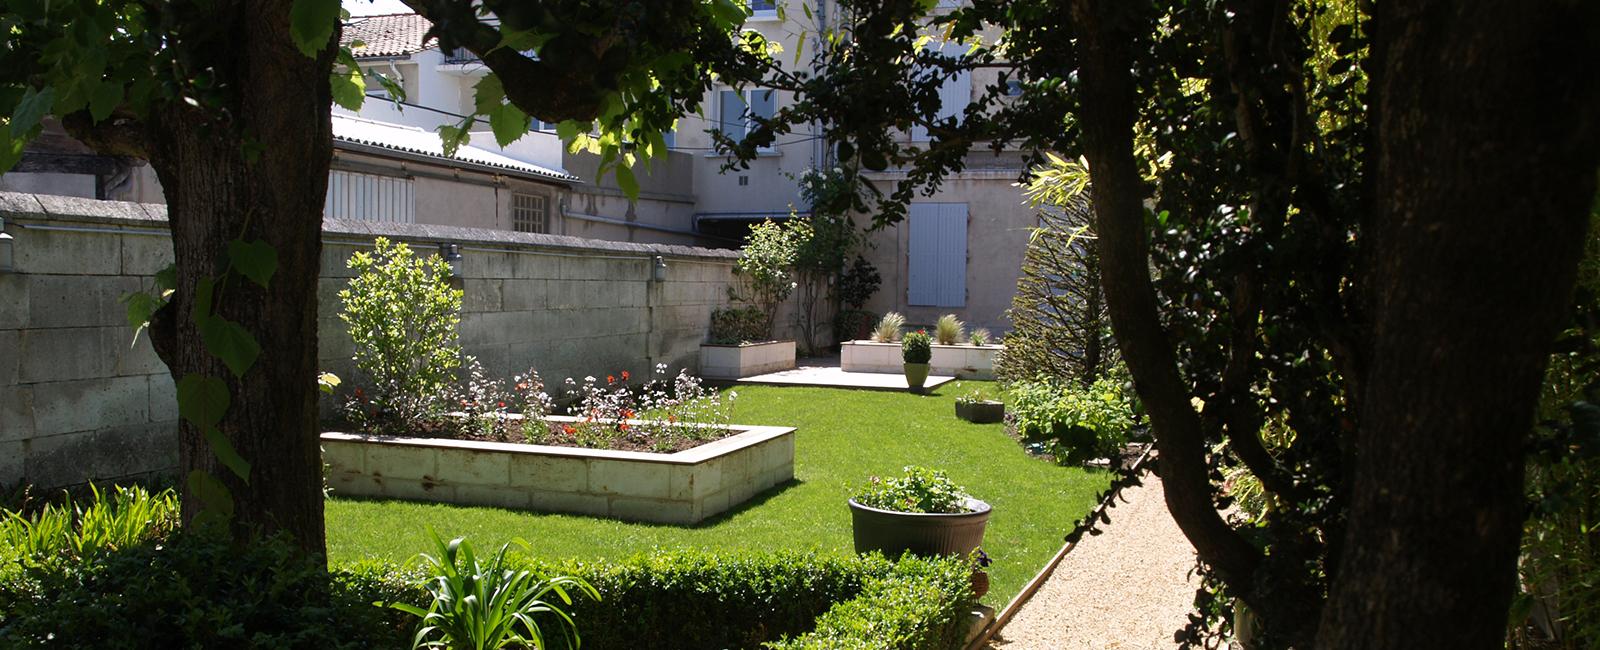 Paysagiste Angoulême - Plantation, Création De Jardin En Ville, Aménagement De Cour, Taille D concernant Un Jardin En Ville